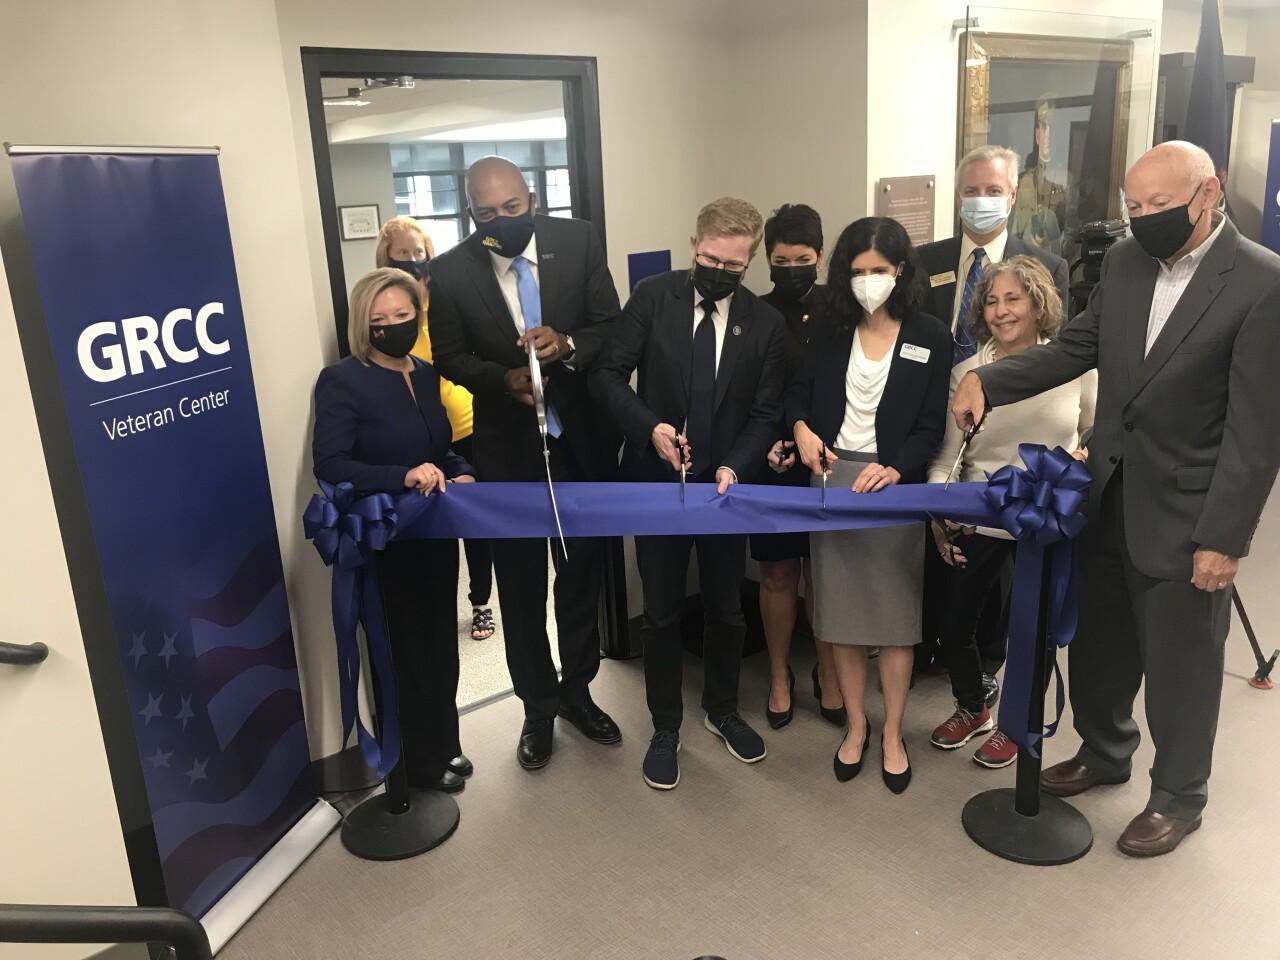 GRCC Veterans Center ribbon.jpg